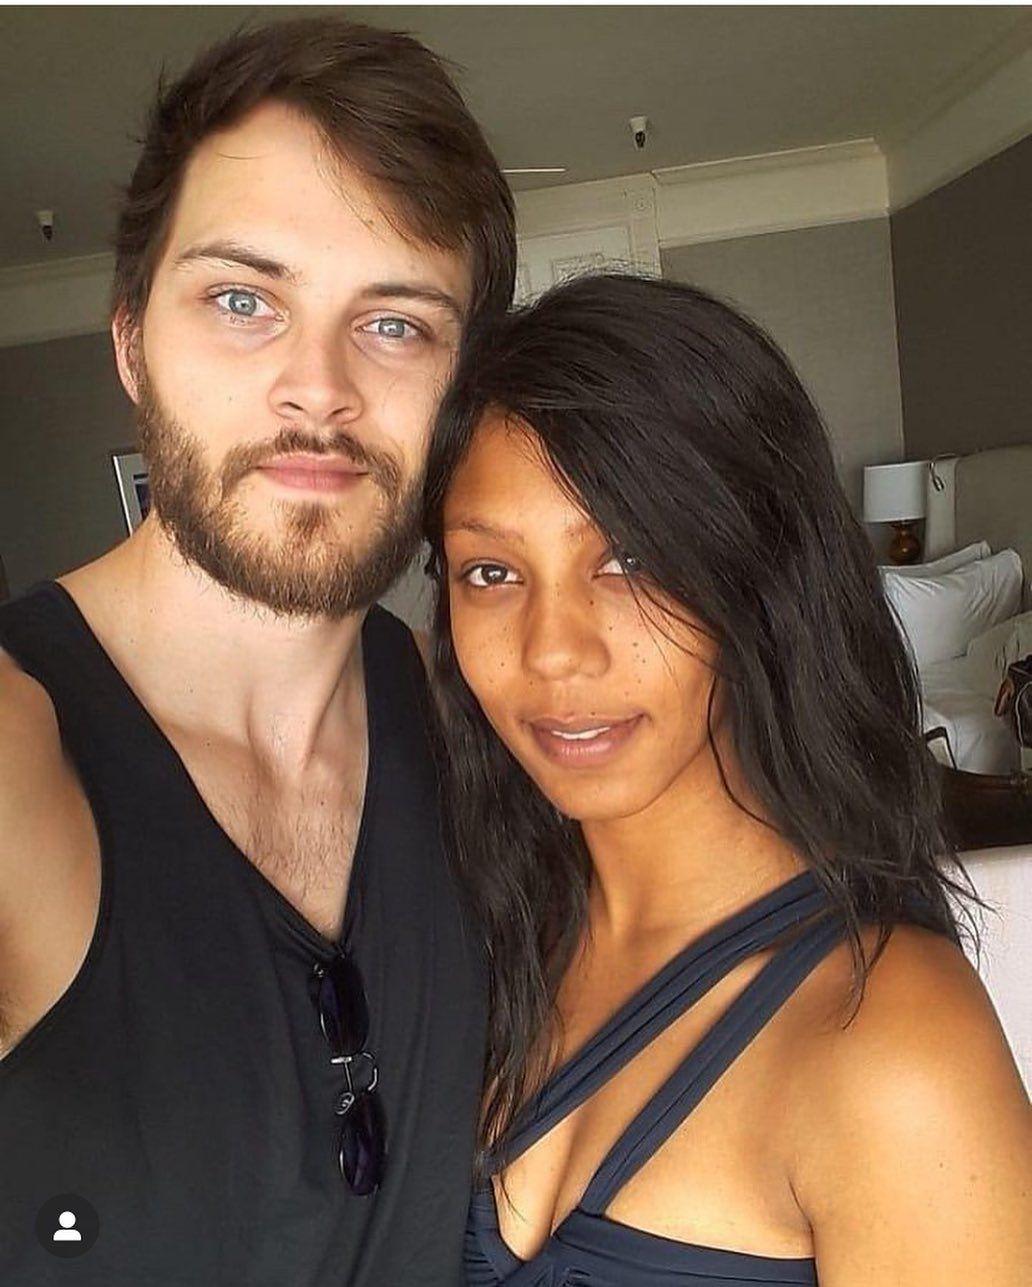 White Men Black Women Dating on Instagram: Interracial